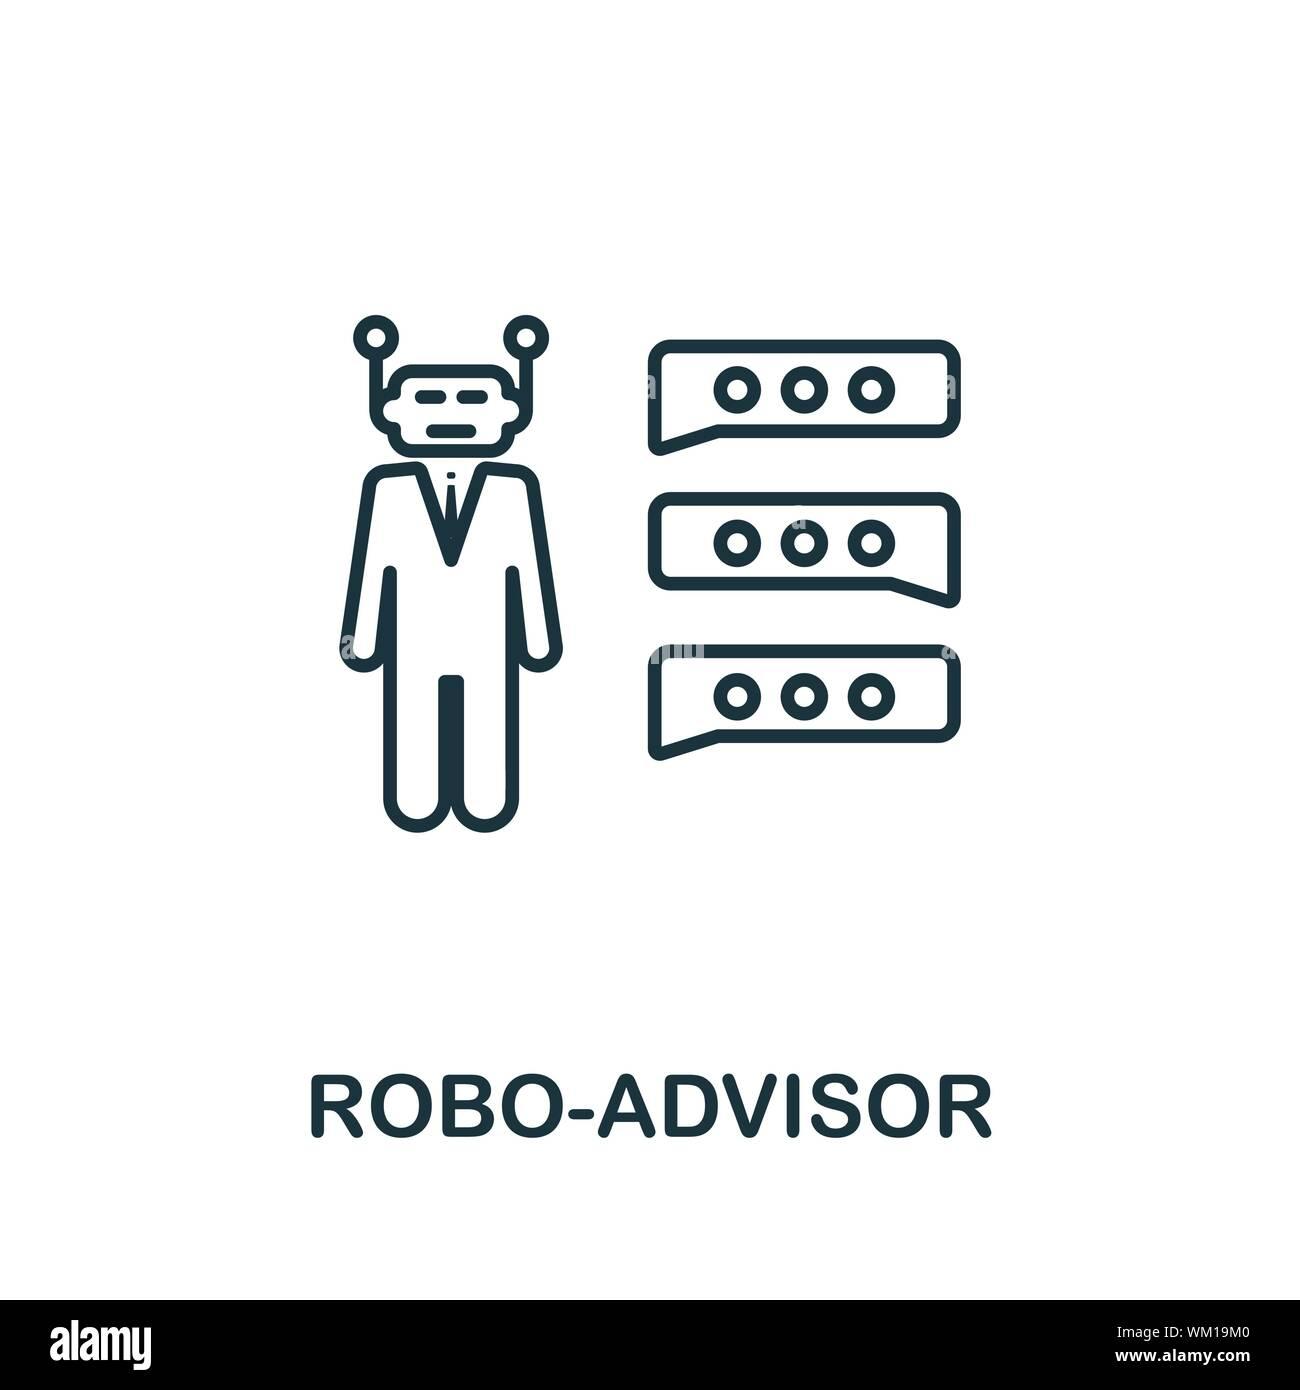 Profilo Robo-Advisor icona. Linea sottile concetto elemento dalla tecnologia di fintech raccolta di icone. Creative icona Robo-Advisor per applicazioni mobili e web Illustrazione Vettoriale